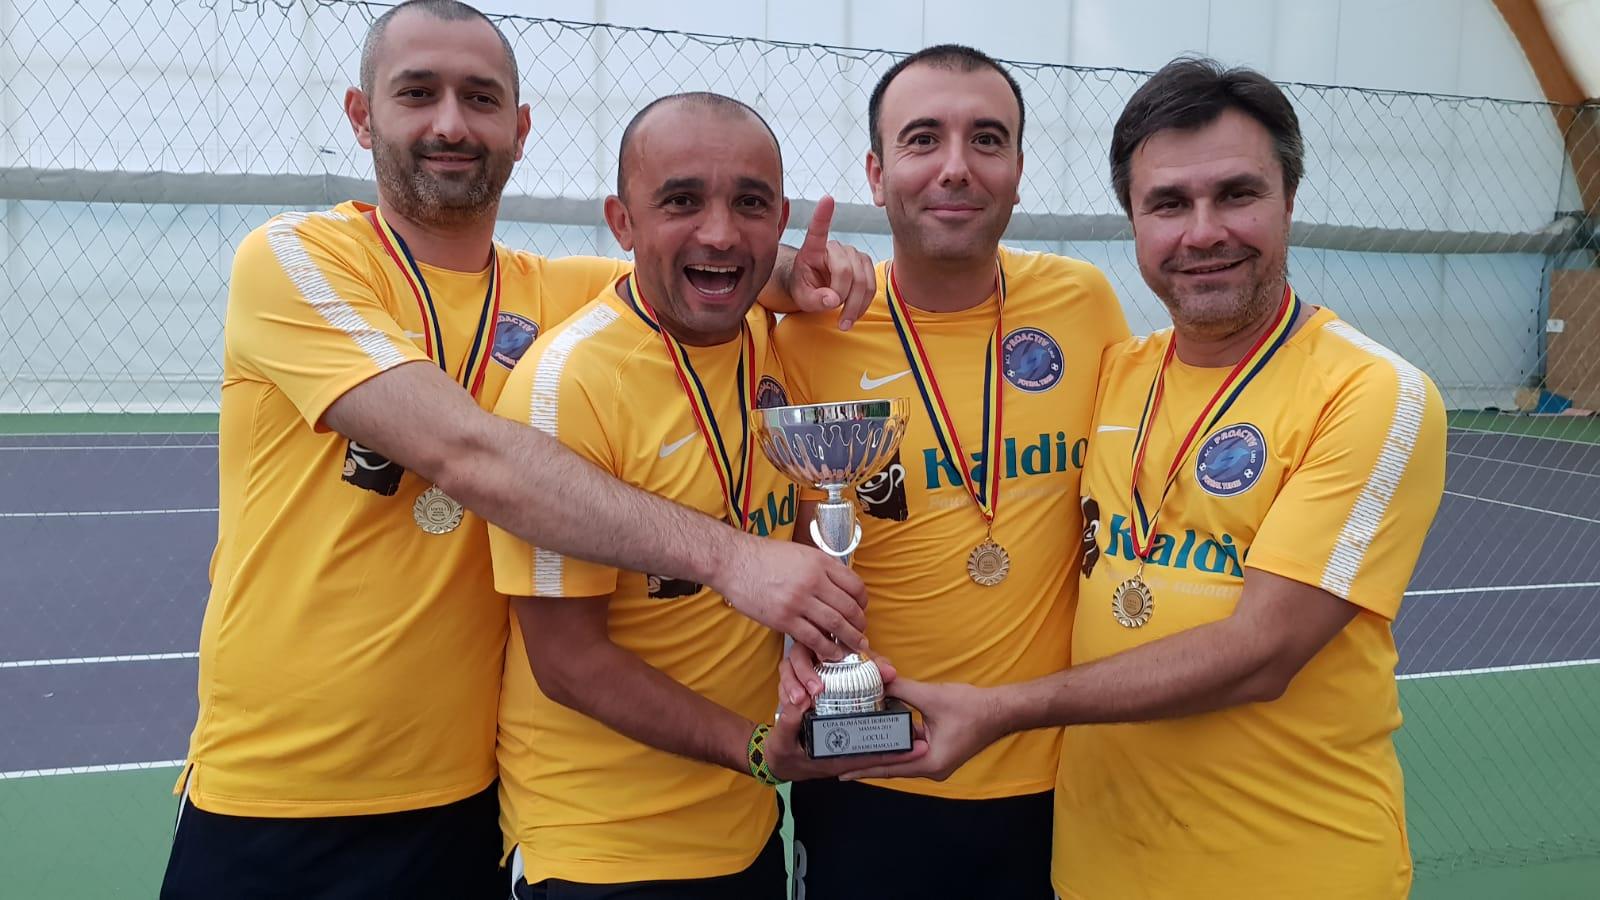 ACS ProActiv, echipa sponsorizată de Kaldio, a câștigat marele trofeu la Cupa României la fotbal tenis 2018